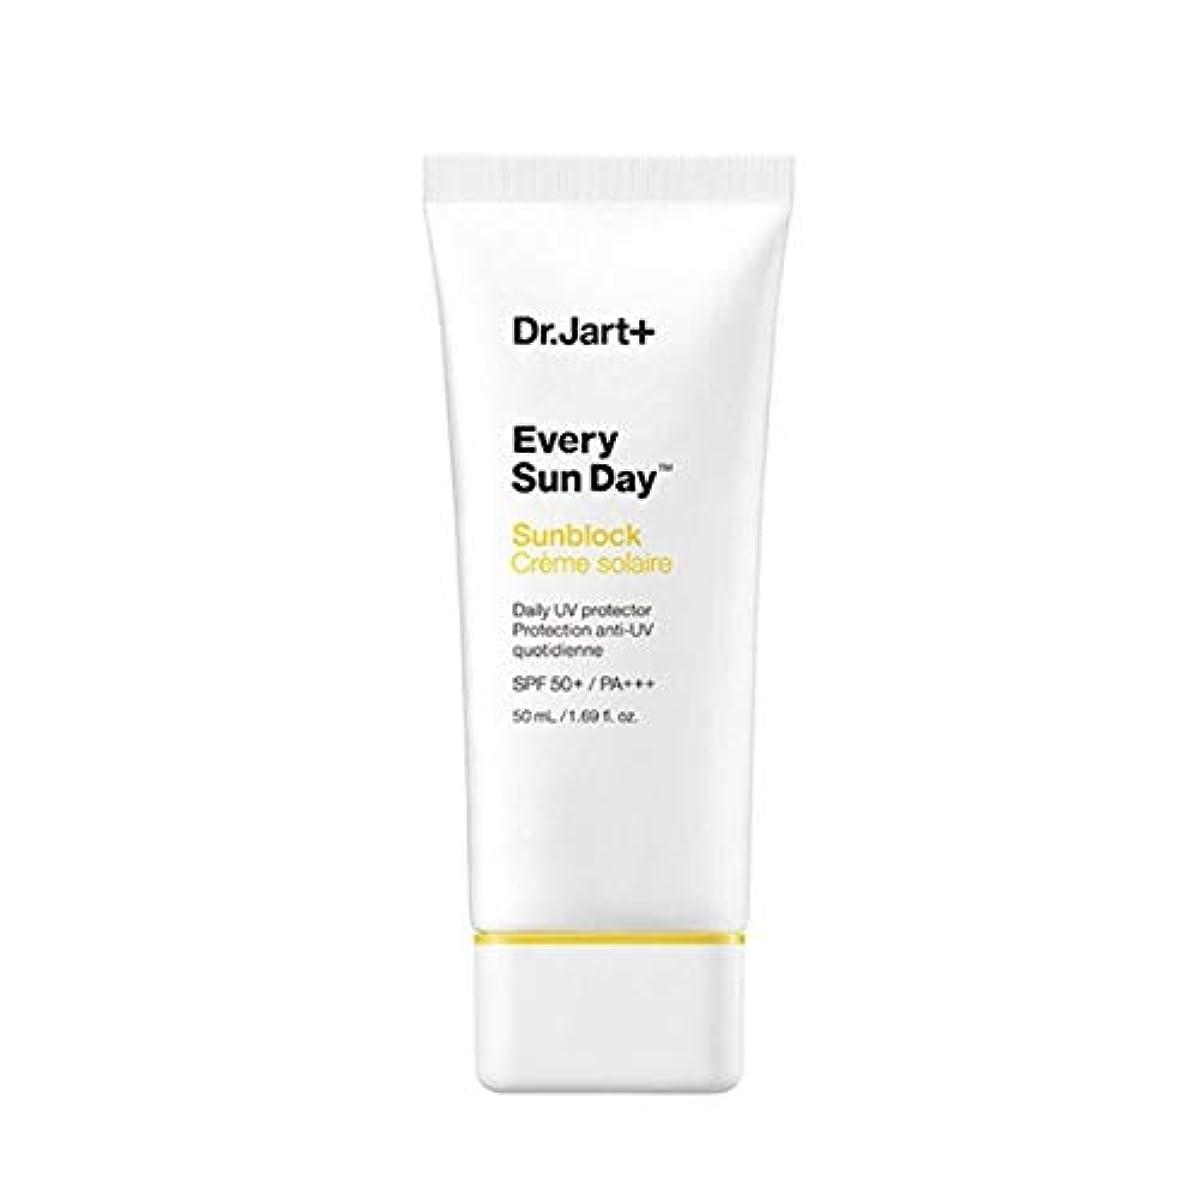 矢勇敢な合理的ドクタージャルトゥエブリサンデーサンブロック50mlサンクリーム韓国コスメ、Dr.Jart Every Sun Day Sun Block 50ml Sun Cream Korean Cosmetics [並行輸入品]